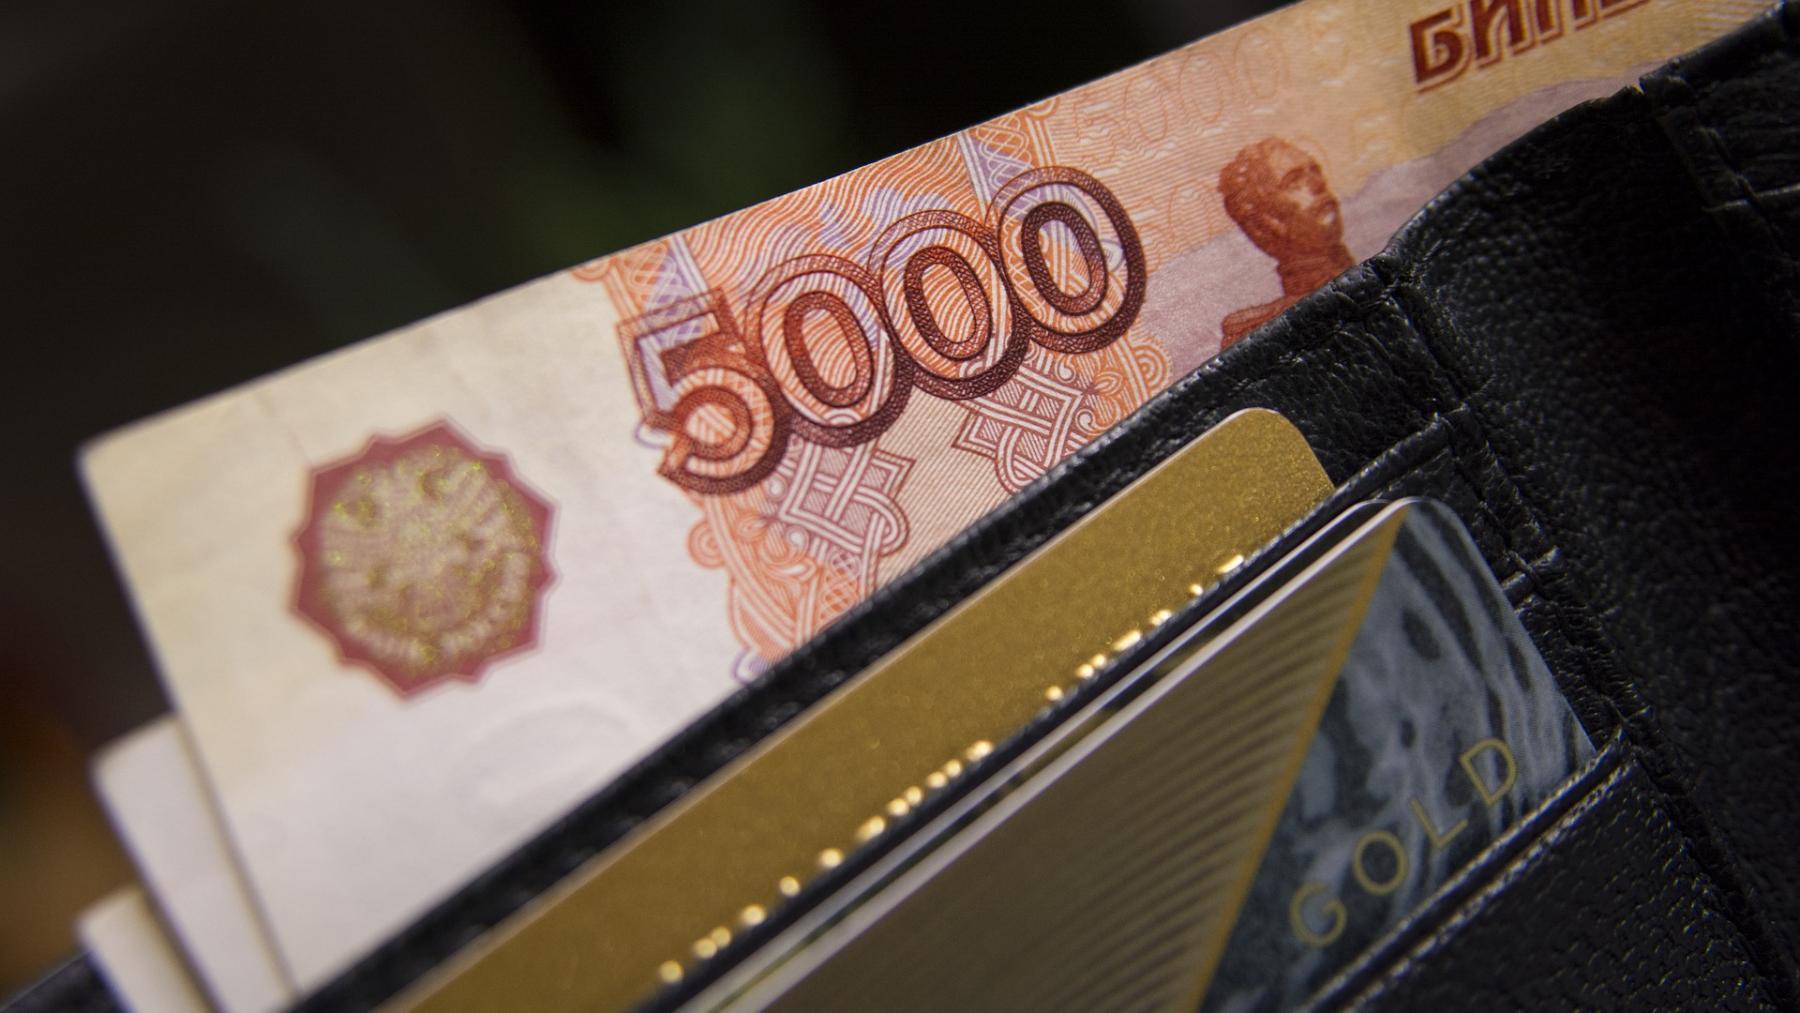 фото Выплата 10000 рублей: у семей с детьми до 18 лет может появиться право на пособие 2